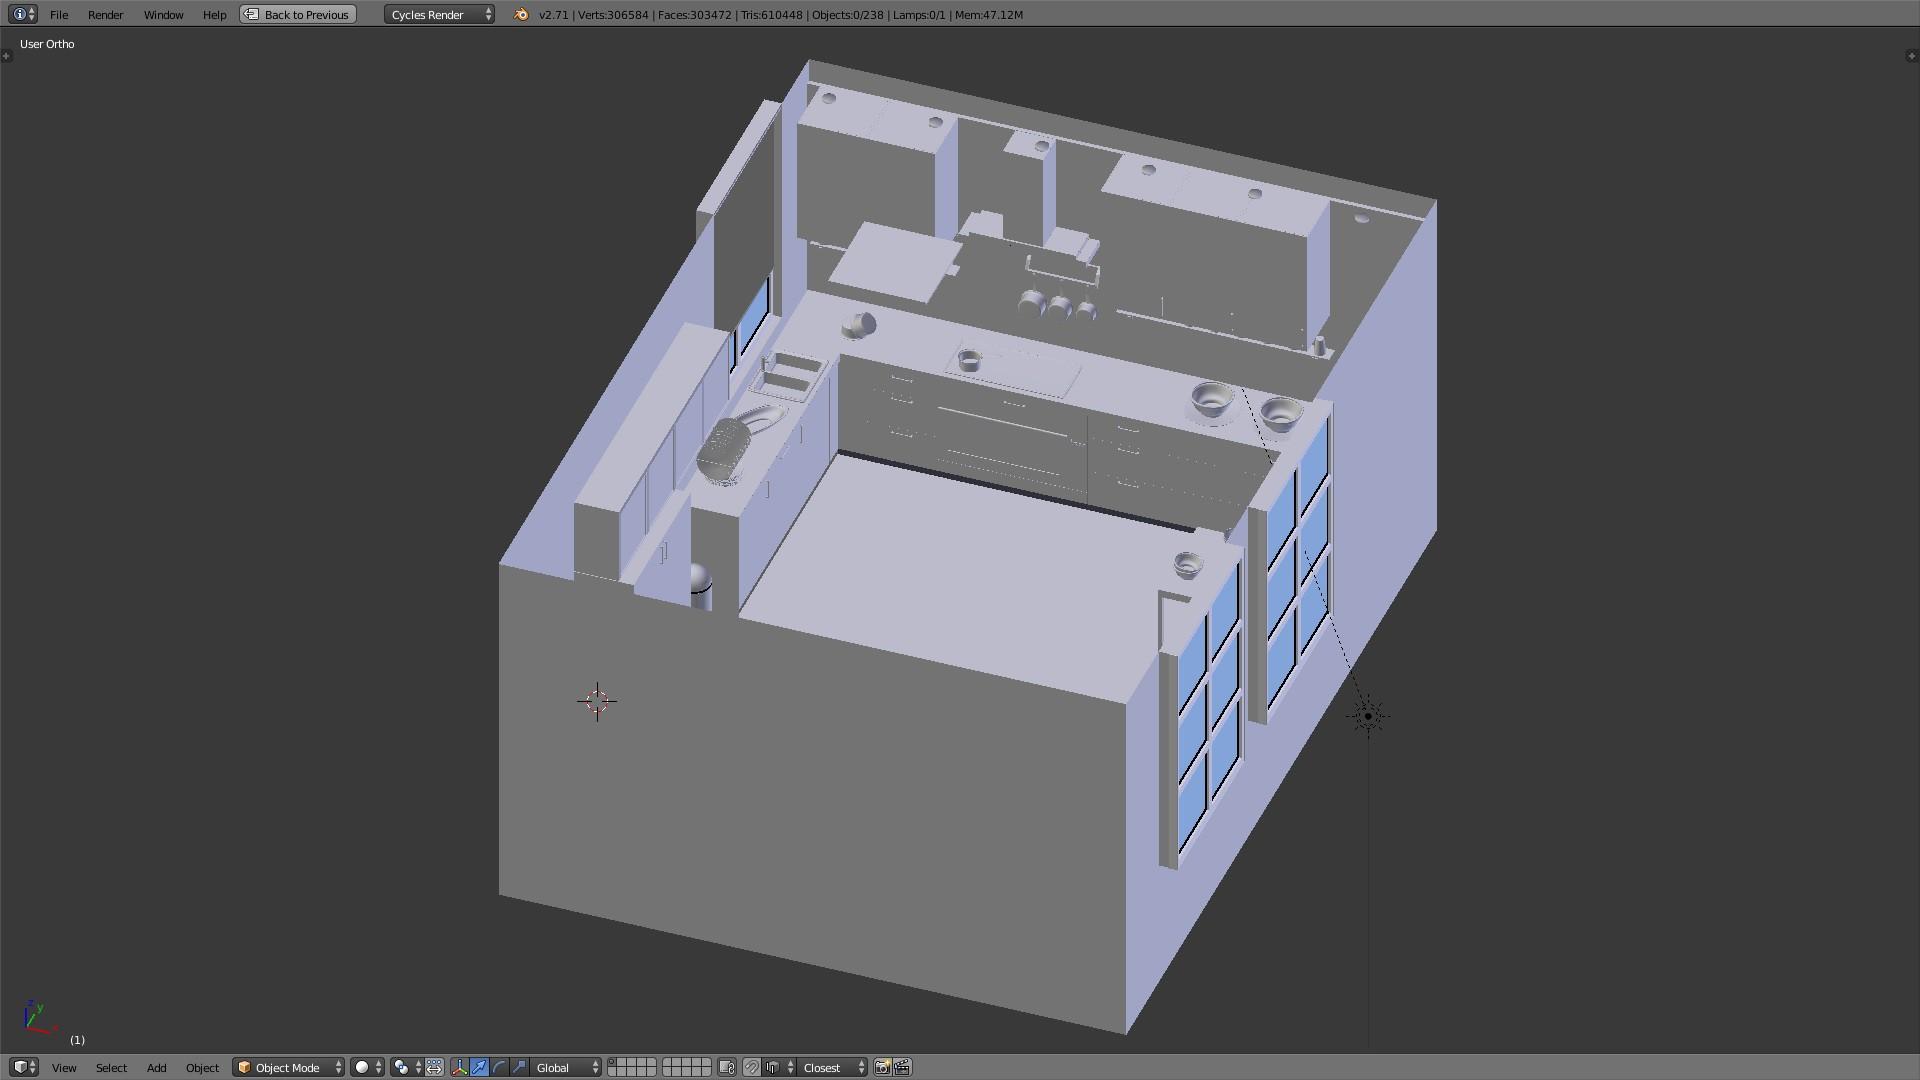 Logiciel d architecture pour particulier logiciel for Logiciel gratuit architecture interieure